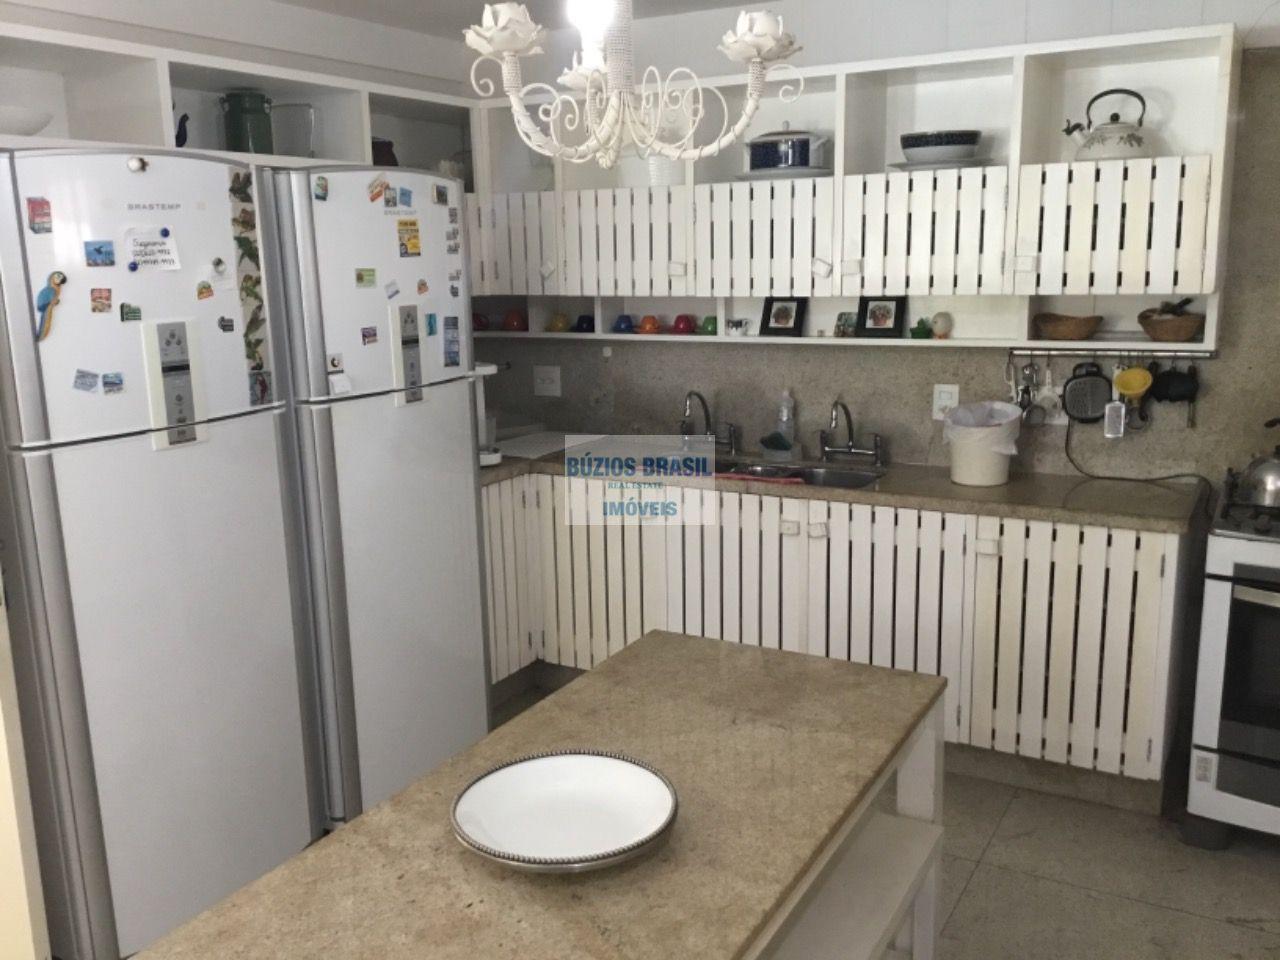 Casa 7 quartos para alugar Ferradura, Ferradura 70m Praia,Armação dos Búzios - LTFR1 - 33